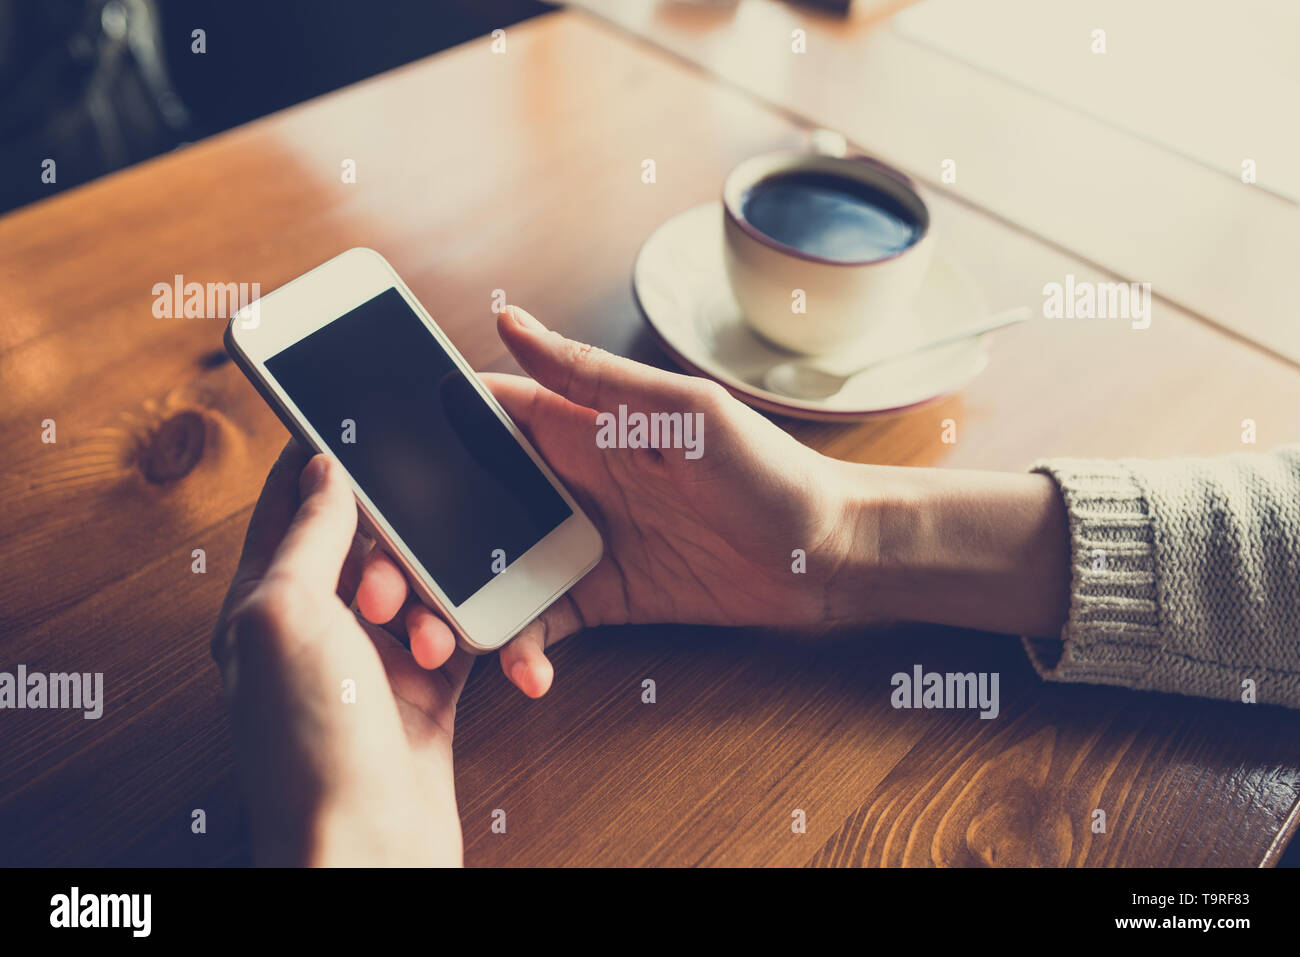 Donna che utilizza smartphone sul tavolo di legno al cafe'. Close-up immagine con reti sociali di concetto Foto Stock